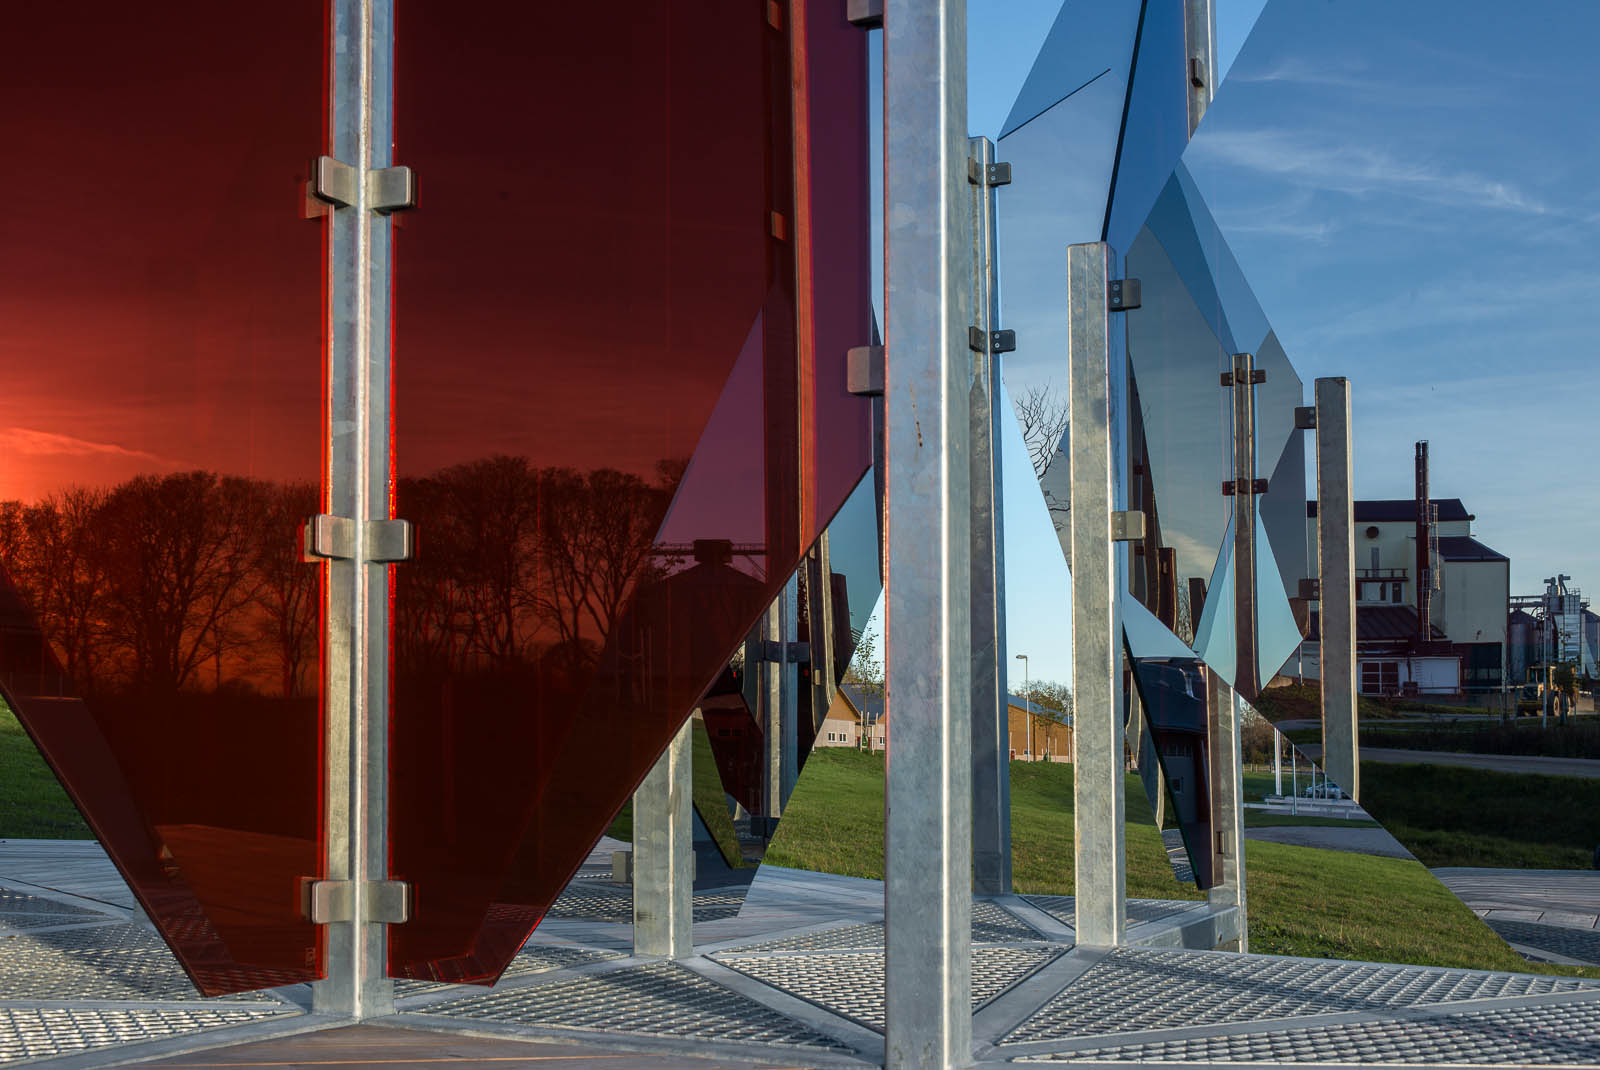 I de röda och vita triangulära glasskivorna reflekteras träd och en byggnad med stor skorsten. Patrik Aarnivaara, Tidsglänta, 2013.